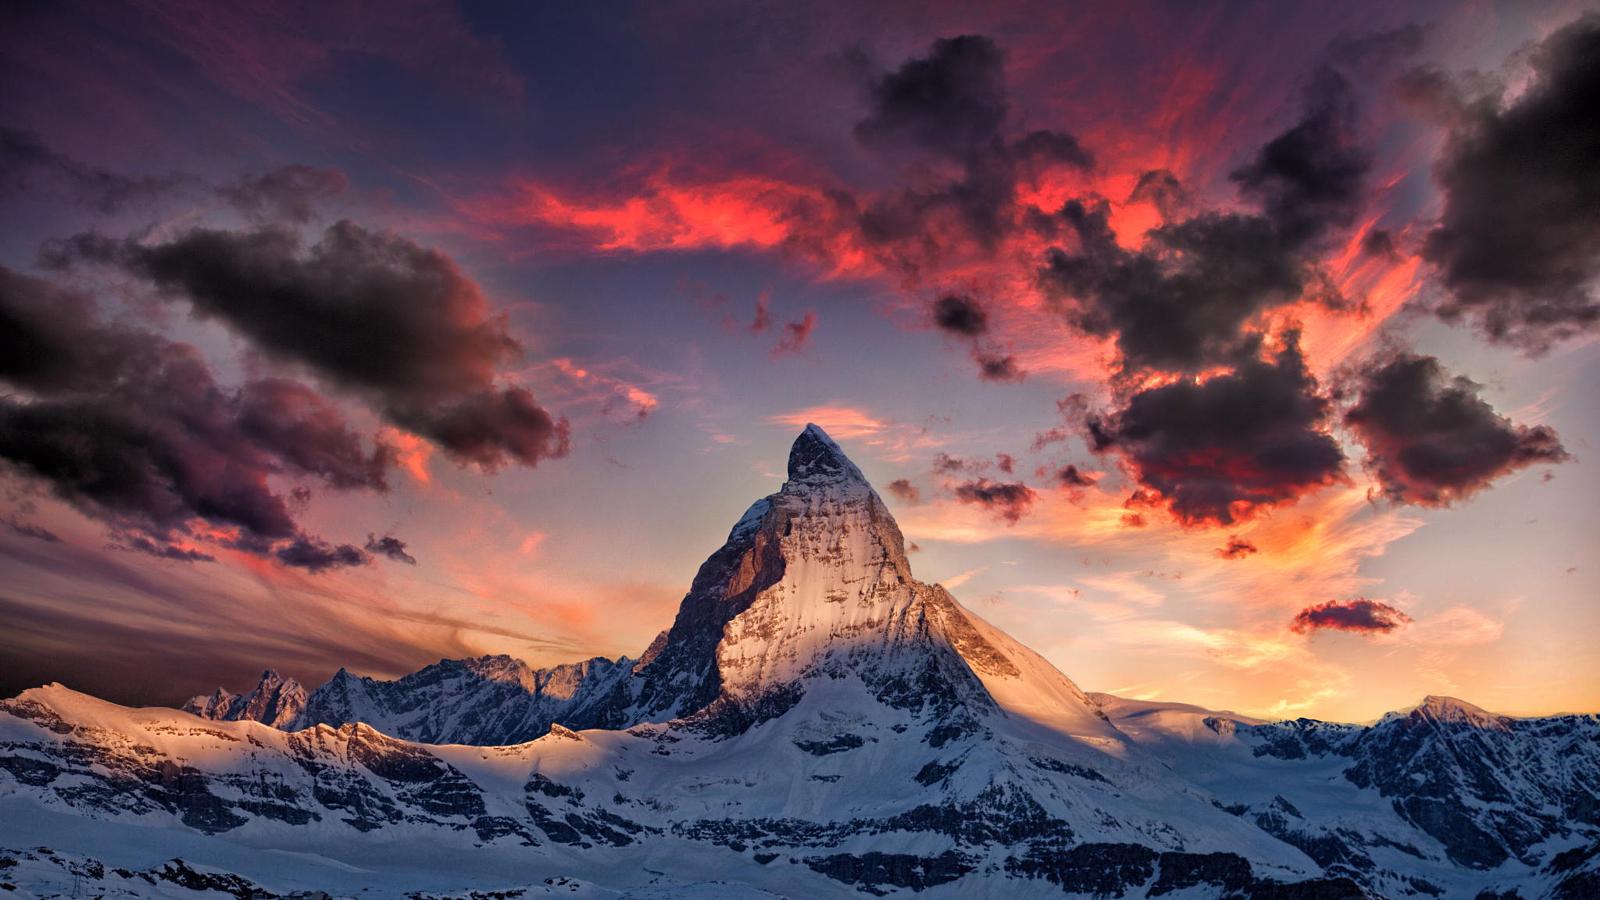 Красивые фото : Бросить все и уехать в Норвегию